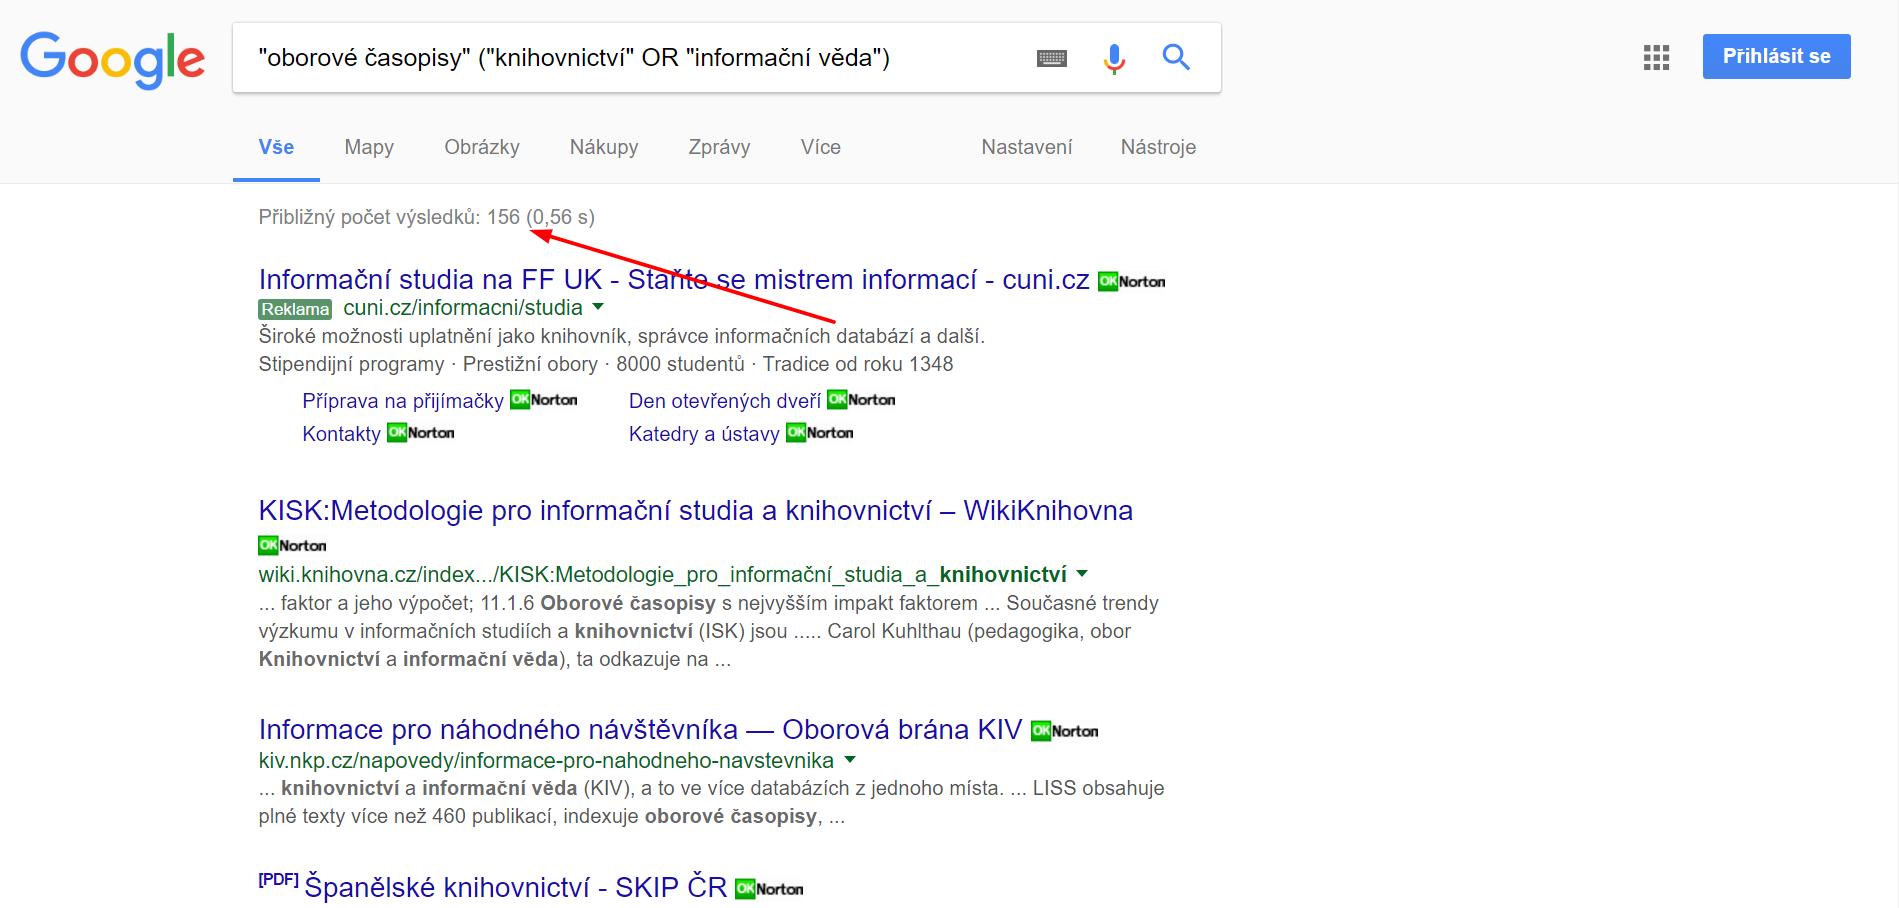 Google vyhledáv